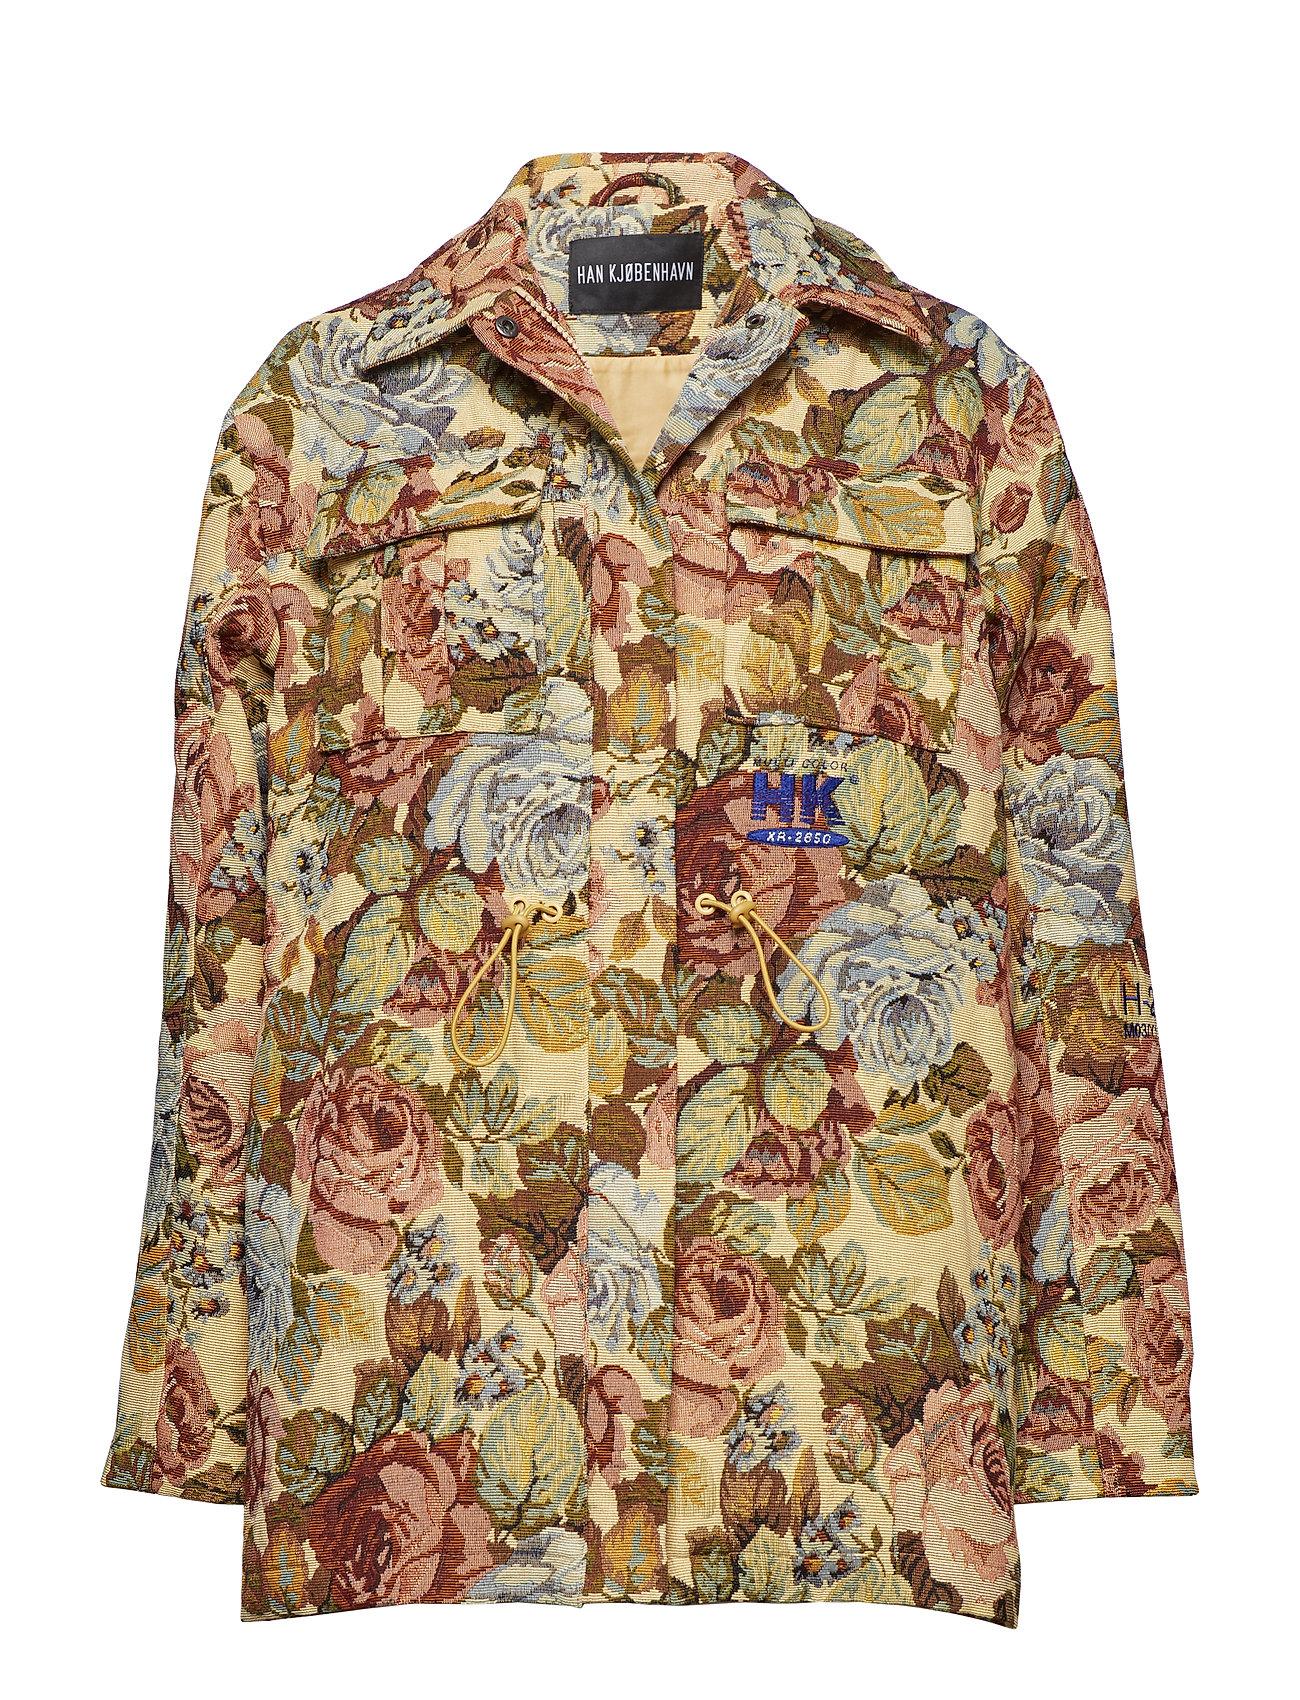 HAN Kjøbenhavn Desk Jacket Ytterkläder